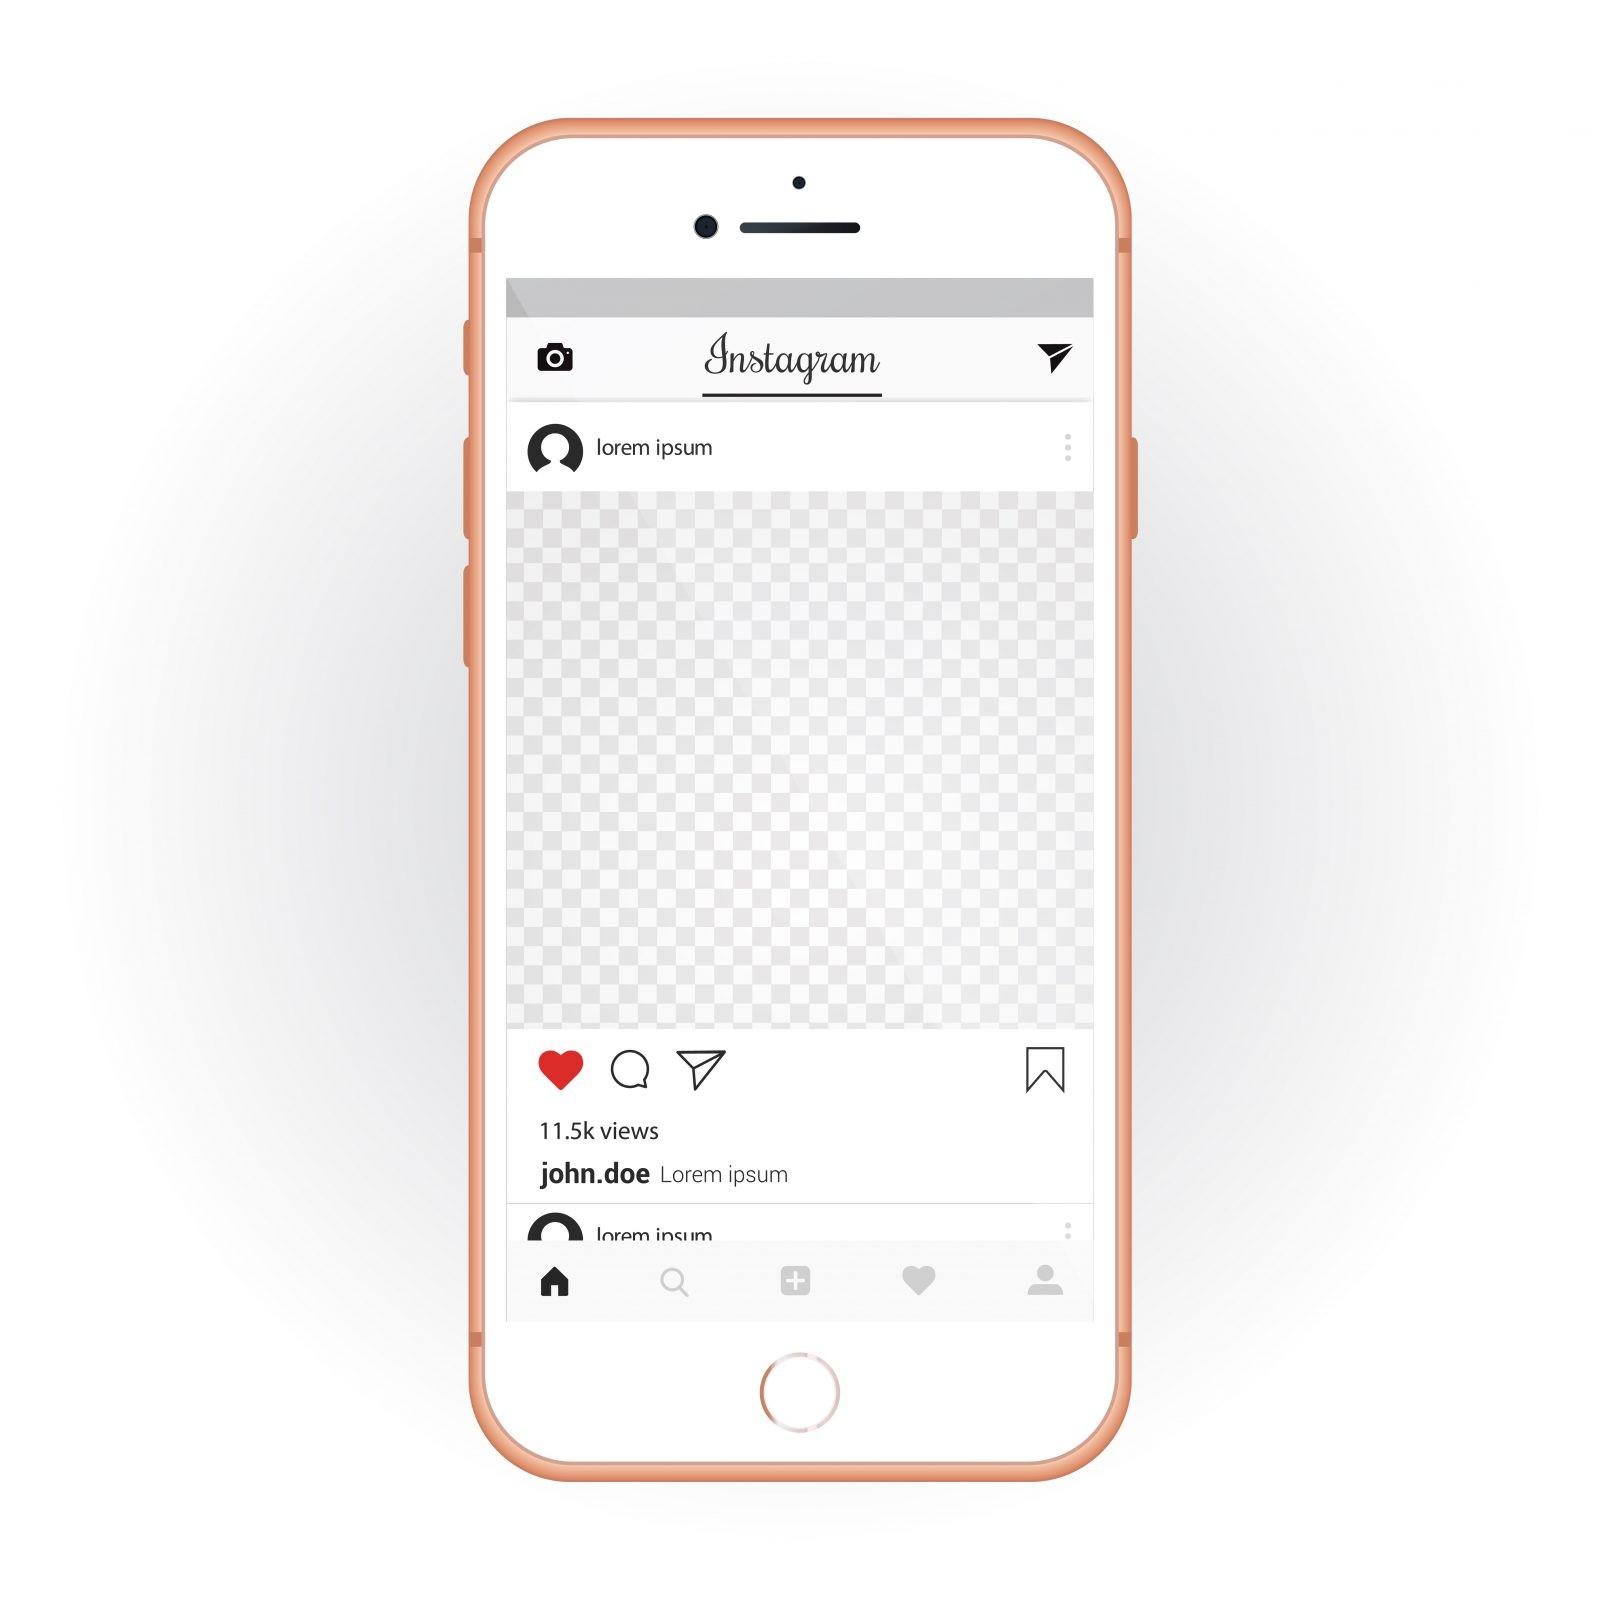 ¿Qué debo hacer para tener éxito en Instagram? - ExpacioWeb